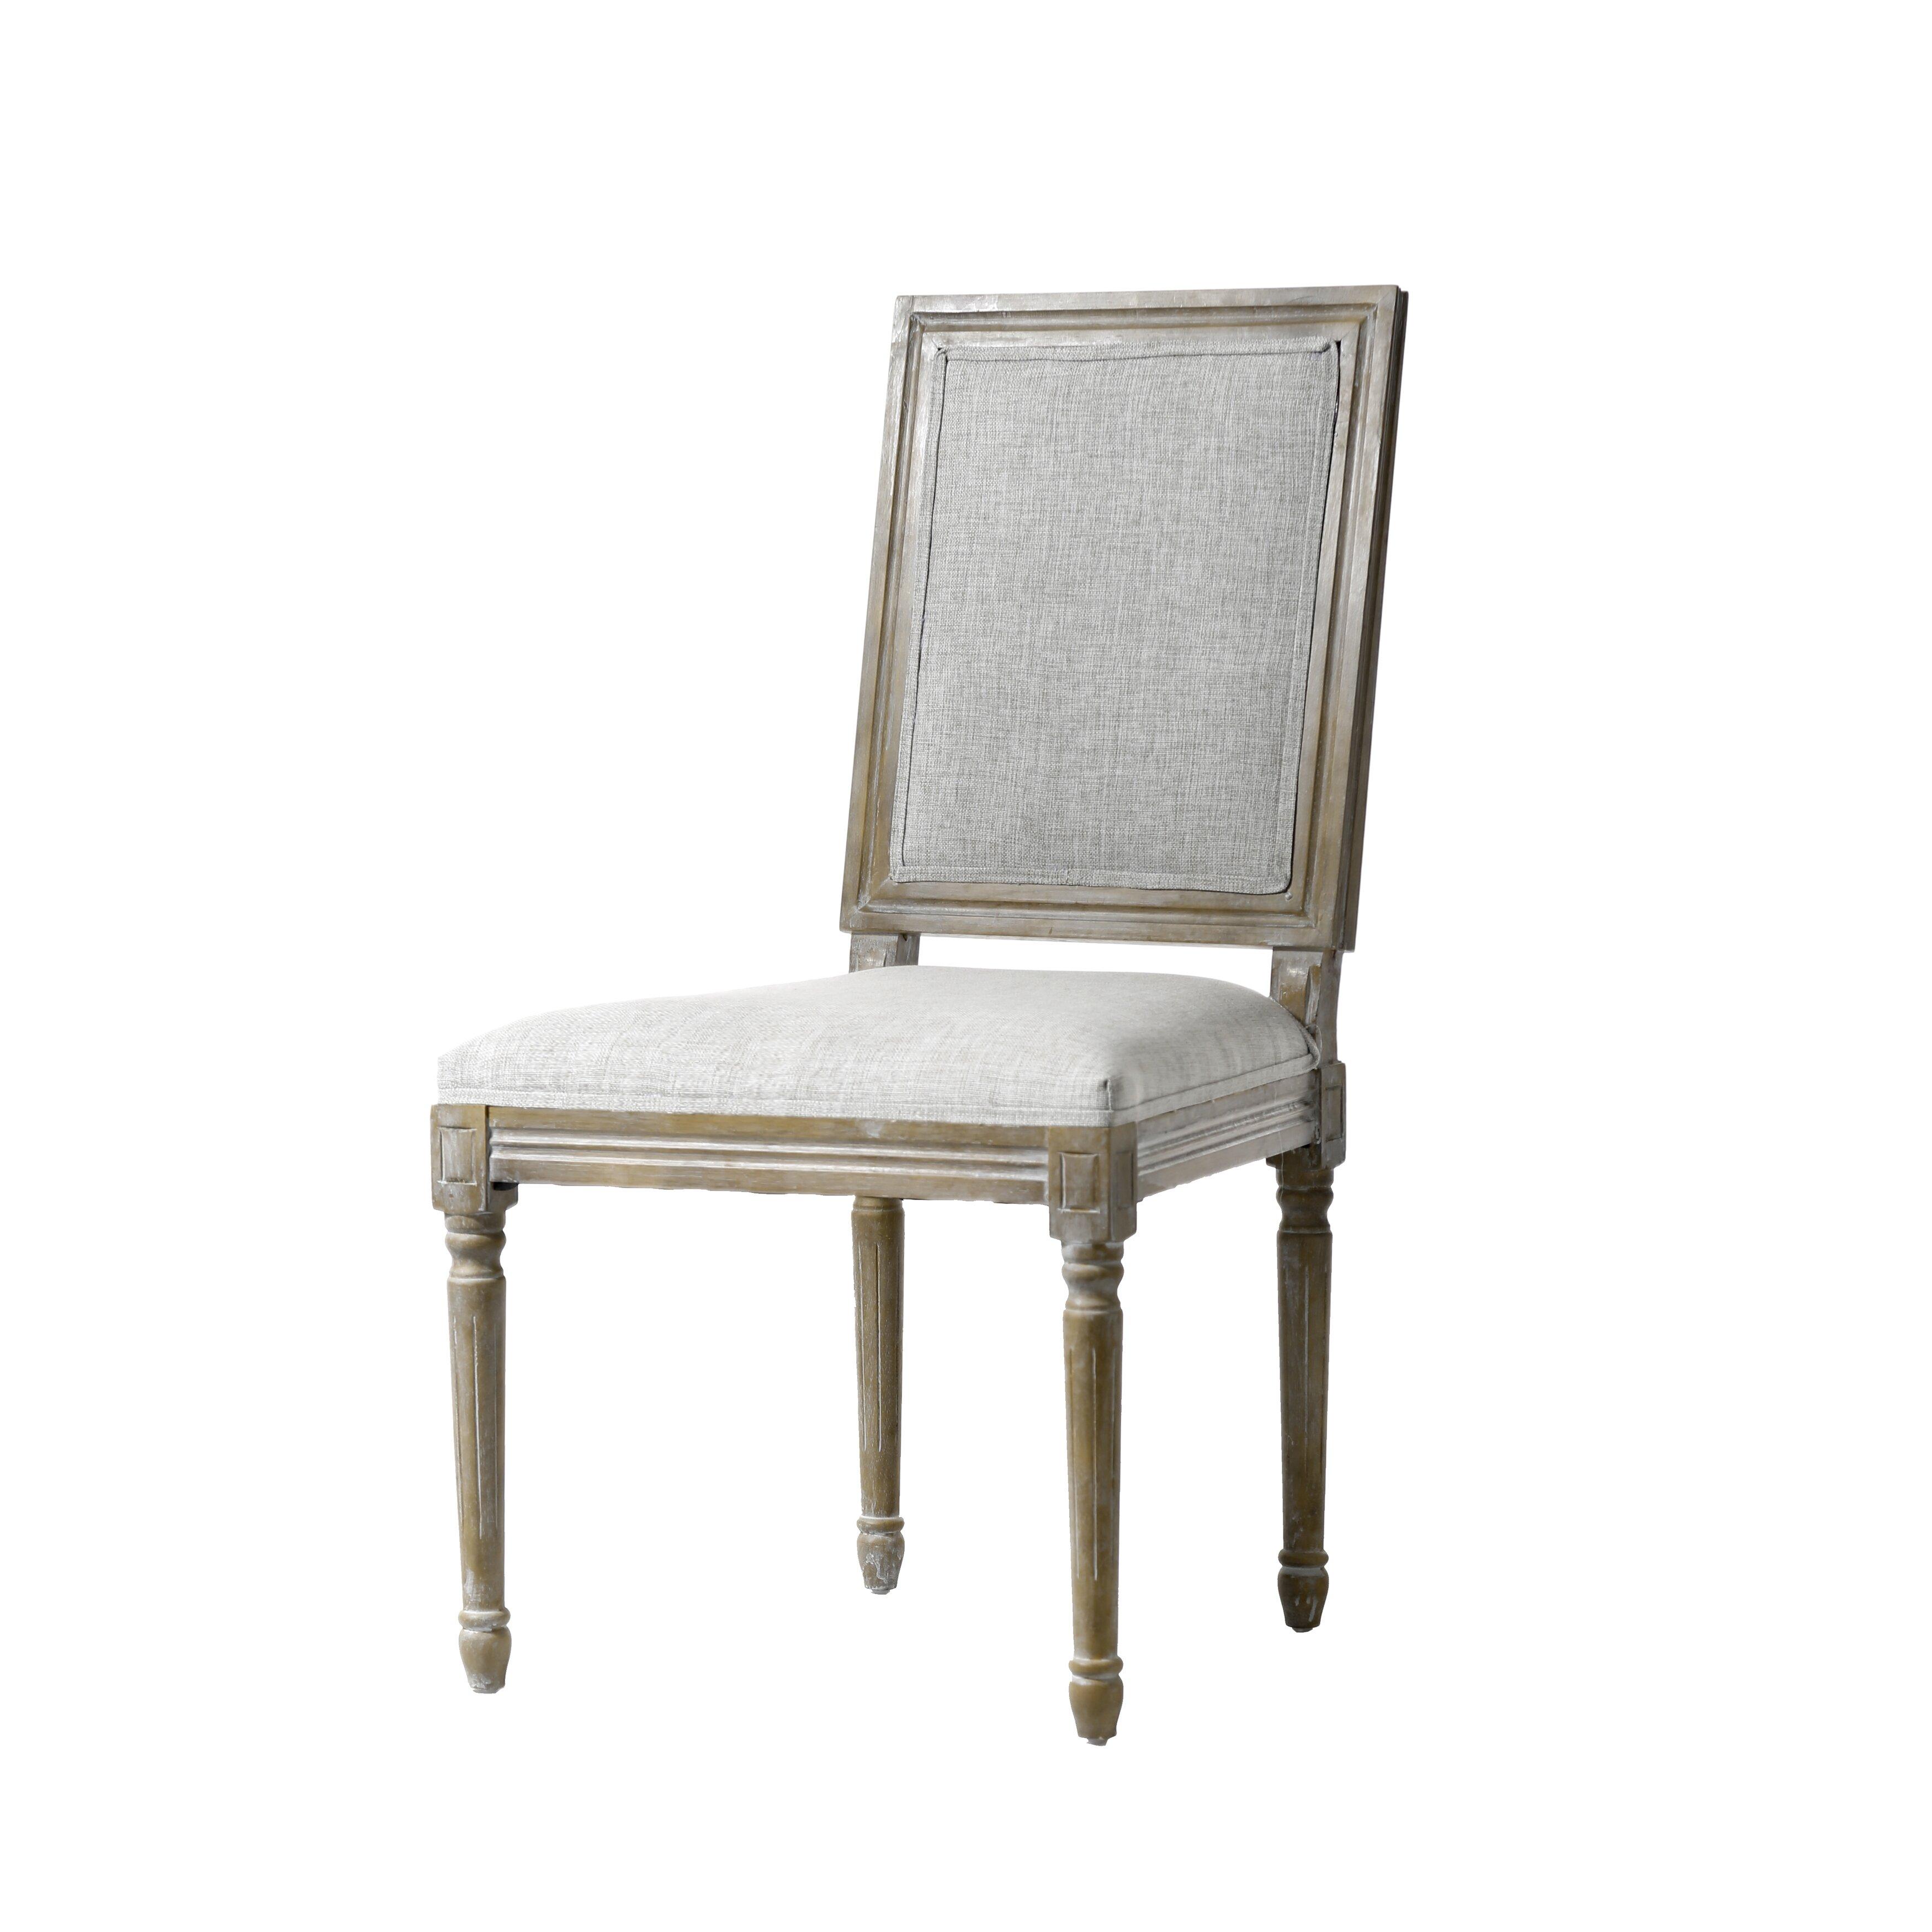 So a Parson Chair